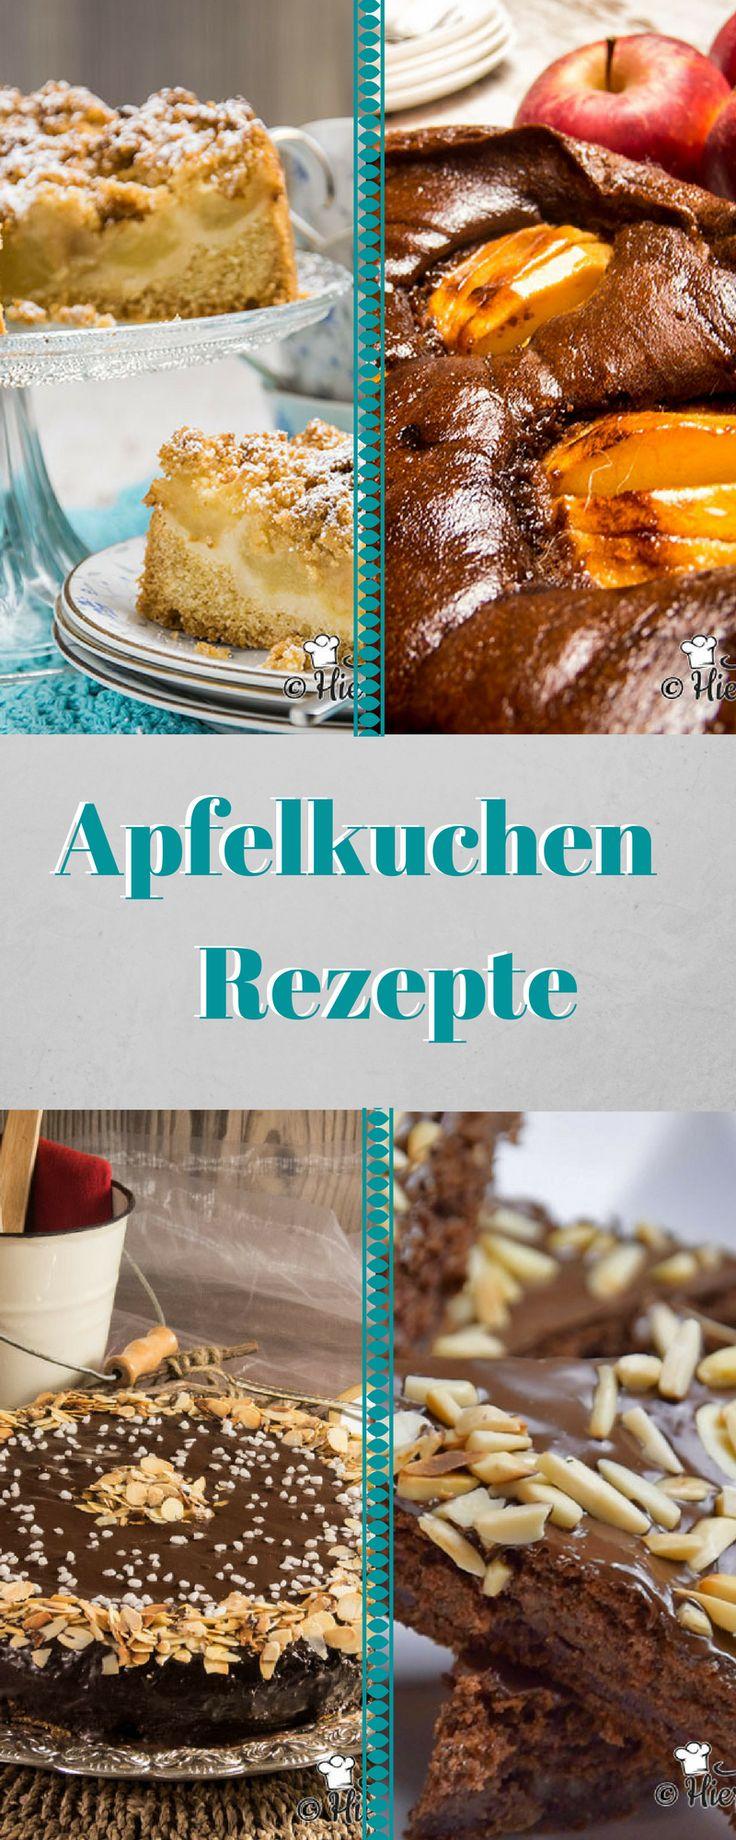 Apfelkuchenrezepte von Backrezepte-Blog.de Ganz viele unterschiedliche Rezepte mit Äpfeln. Es gibt würzige Apfelkuchen, traditionelle Apfelkuchen und leckere andere Kombinationen mit der besten Frucht überhaupt :-) Viel Spaß beim Stöbern. #Apfelkuchen #Apfelkuchenrezepte #Herbstkuchen